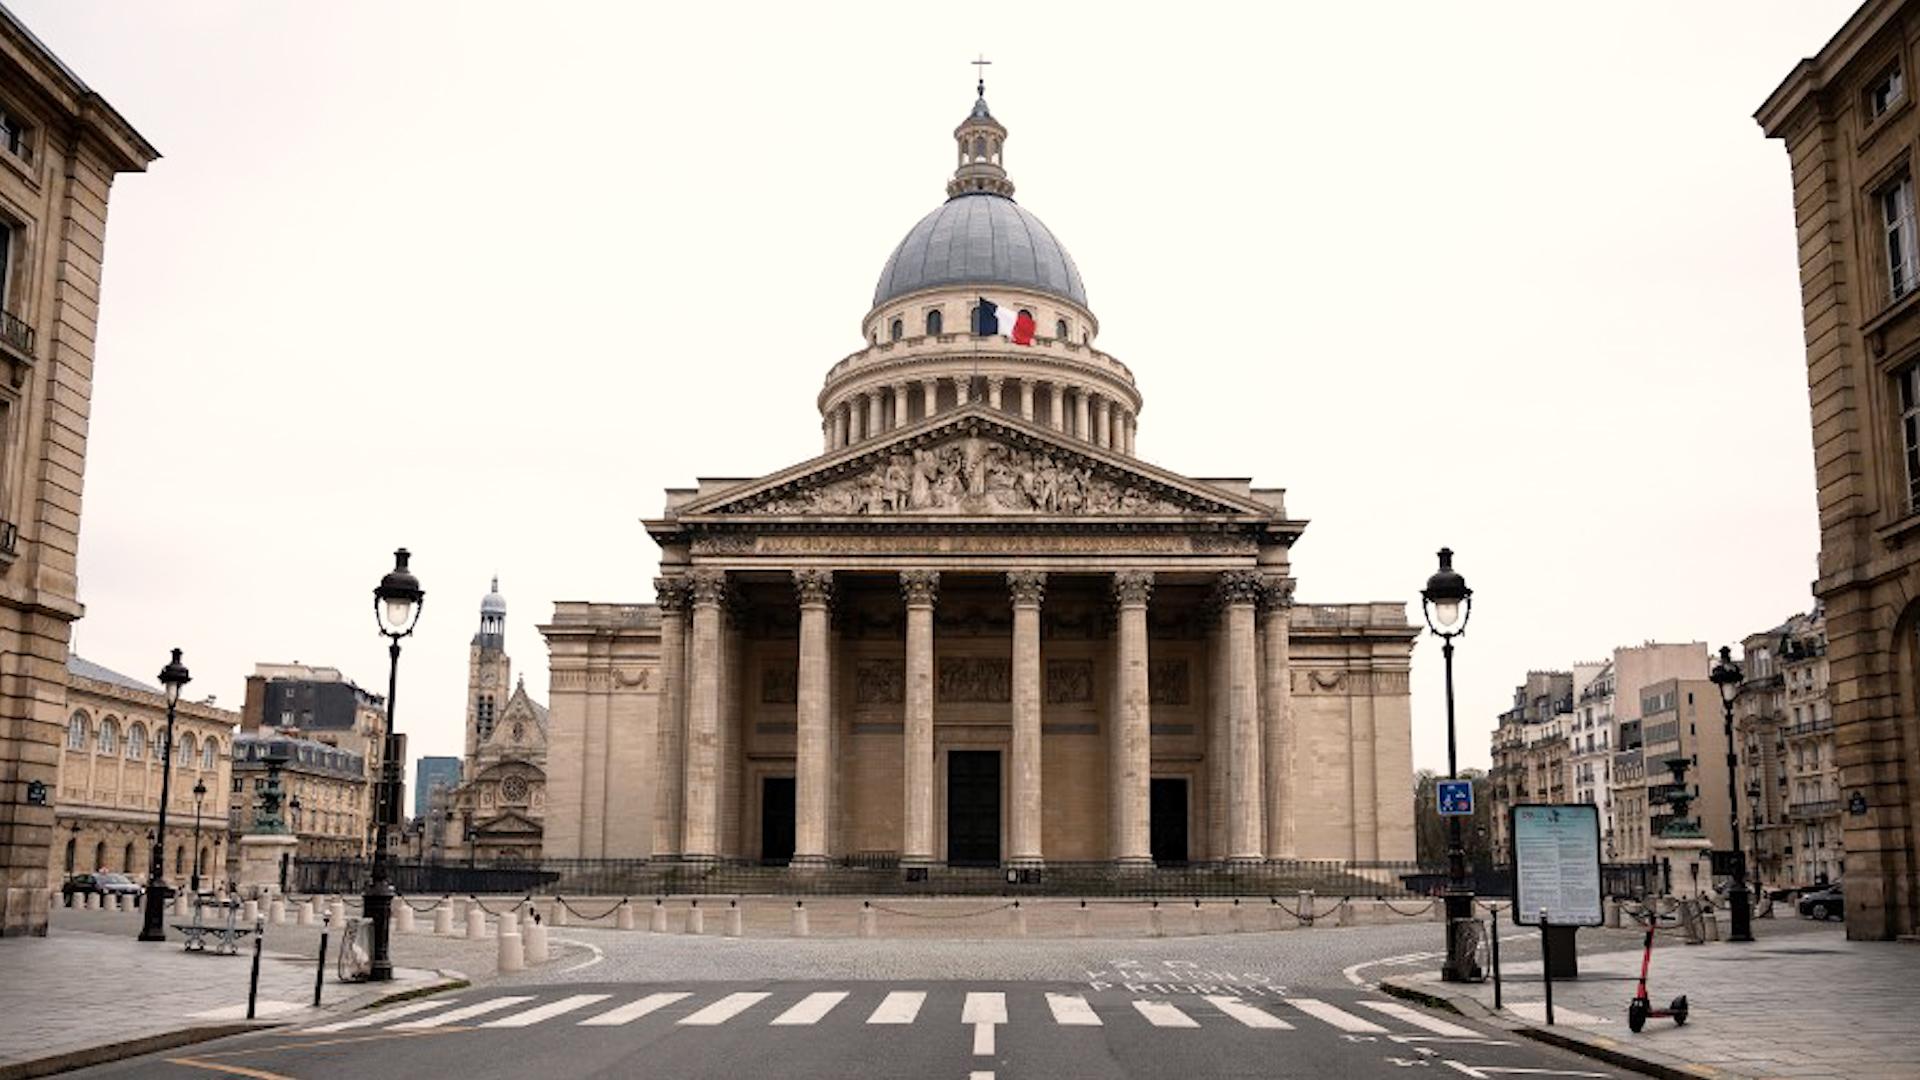 Piața Pantheonului parizian, pustie de când au intrat în vigoare restricțiile severe de circulație. Credit foto: thelocal.fr